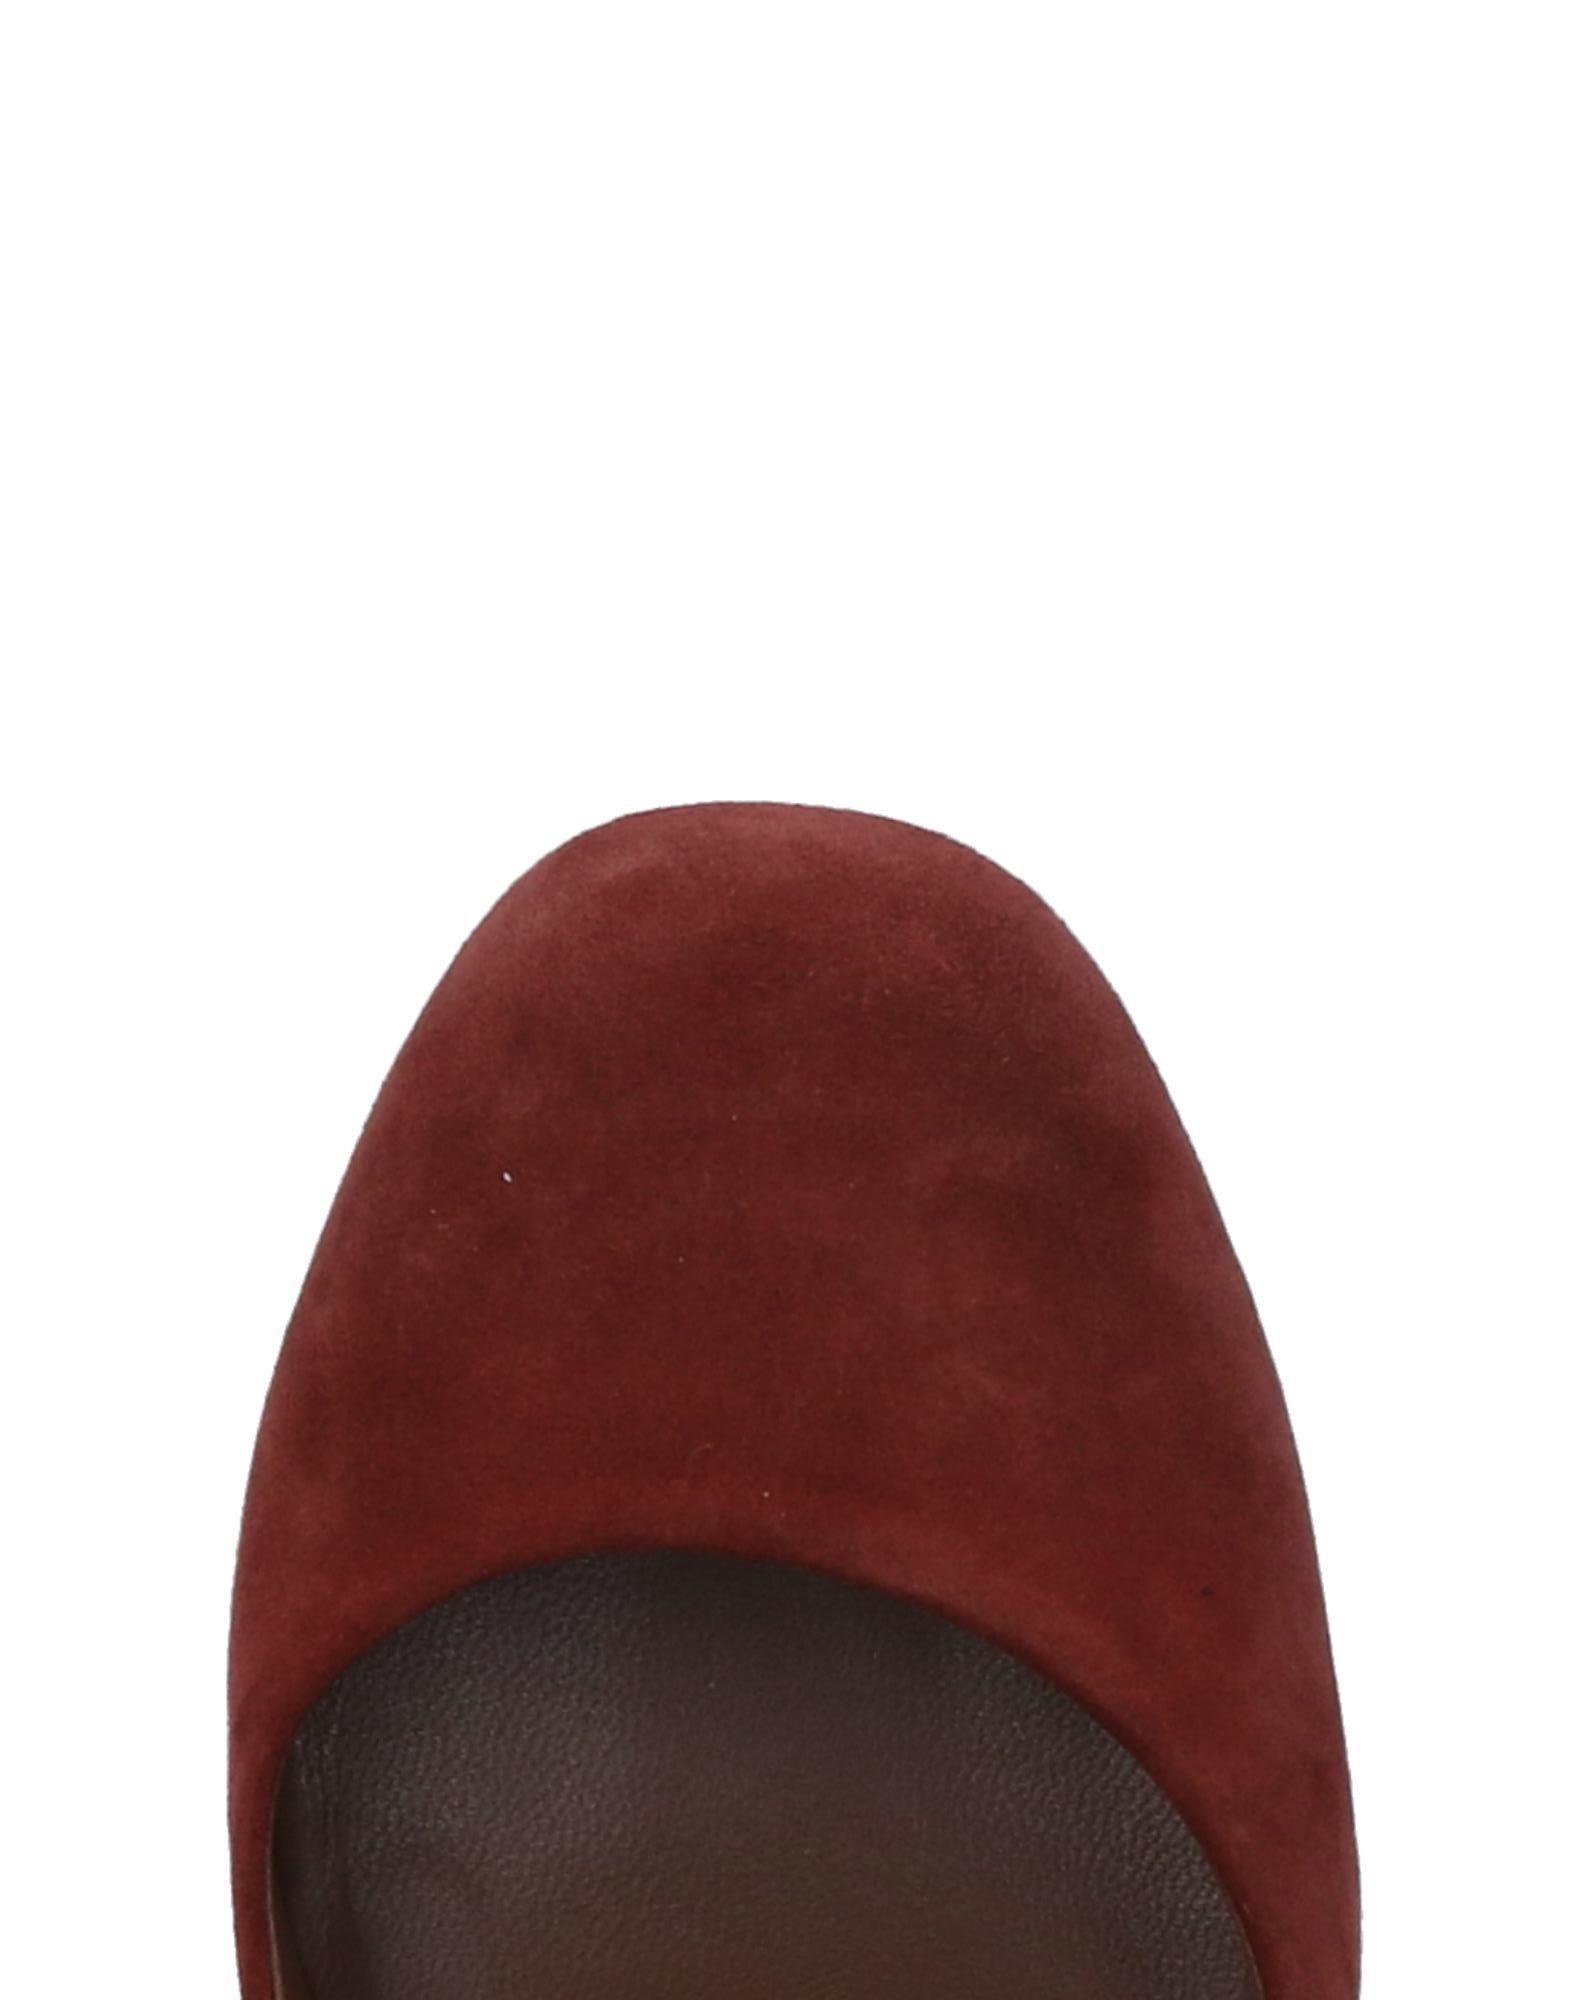 Fiorifrancesi Pumps Damen  11480485QB Gute Qualität beliebte Schuhe